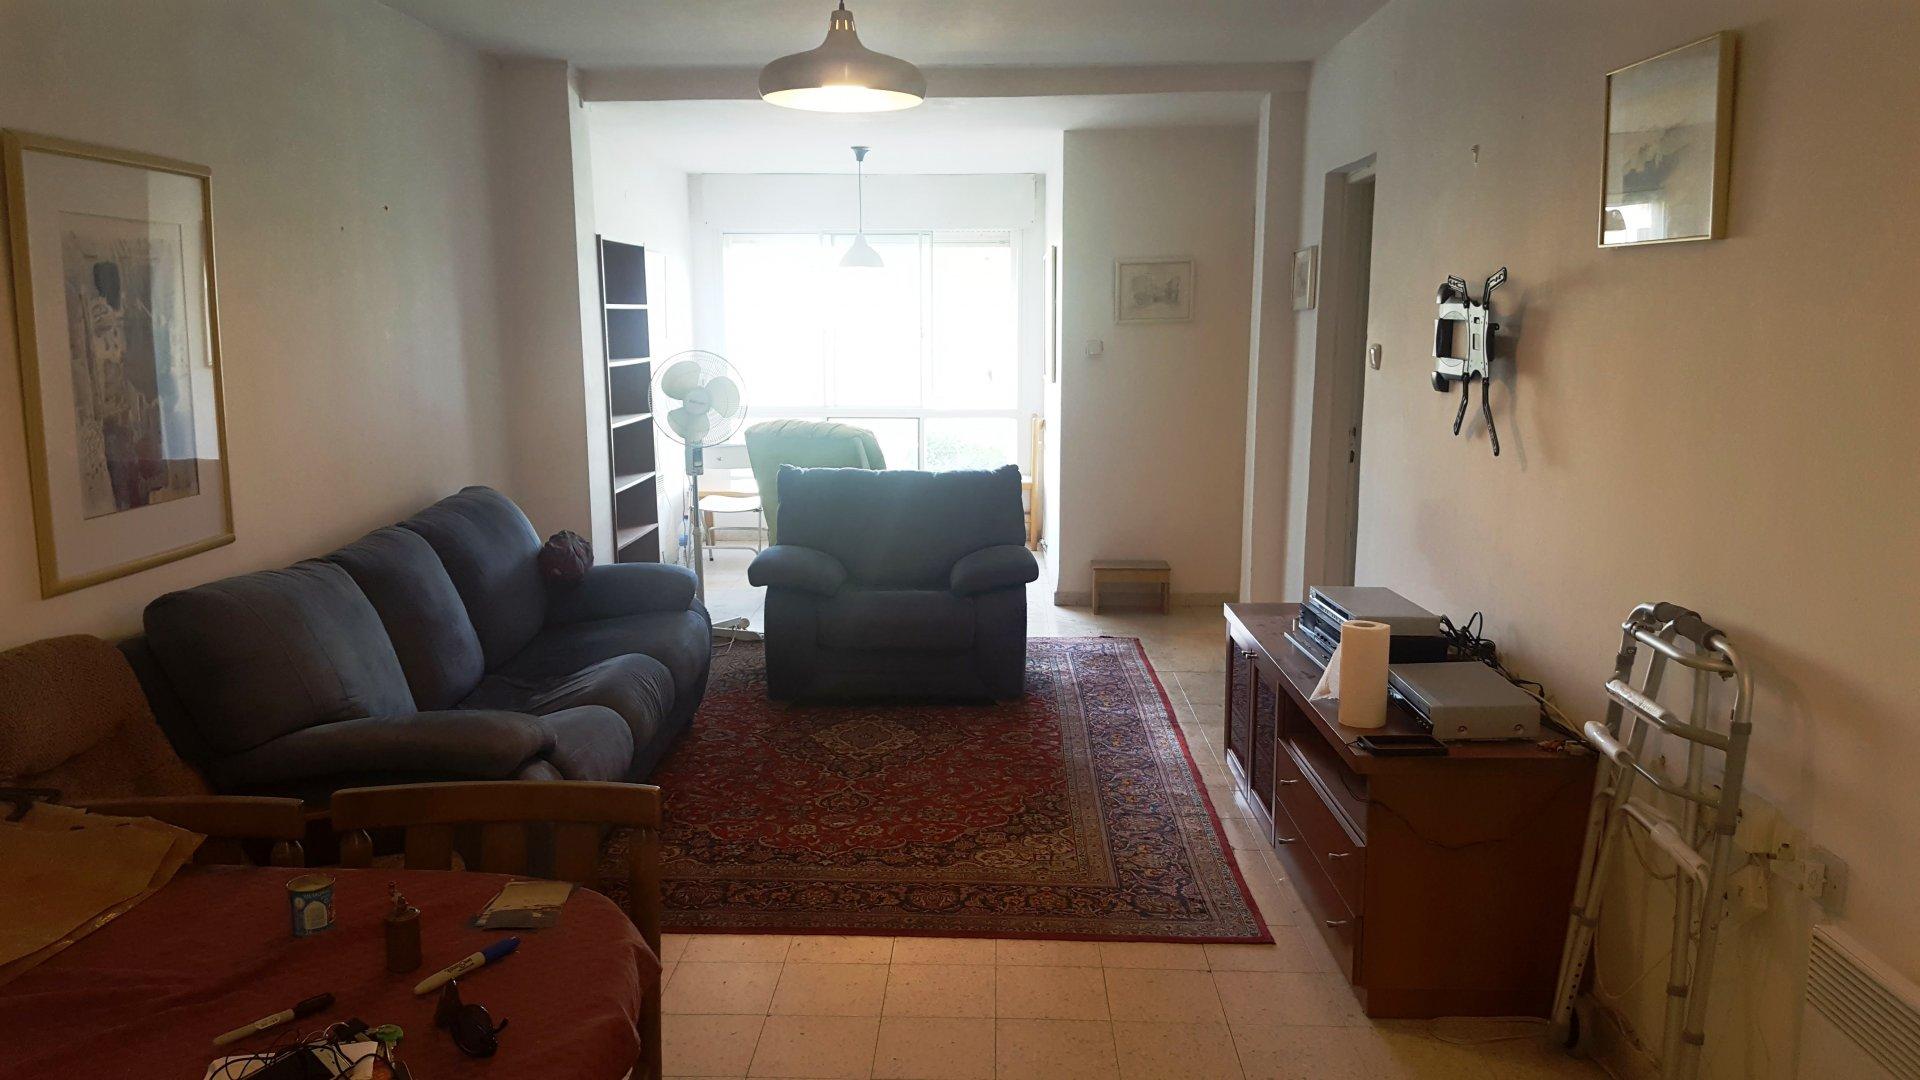 הדירה ברחוב ניקרגואה, קרית מנחם (צילום: נהוראי אבגי)